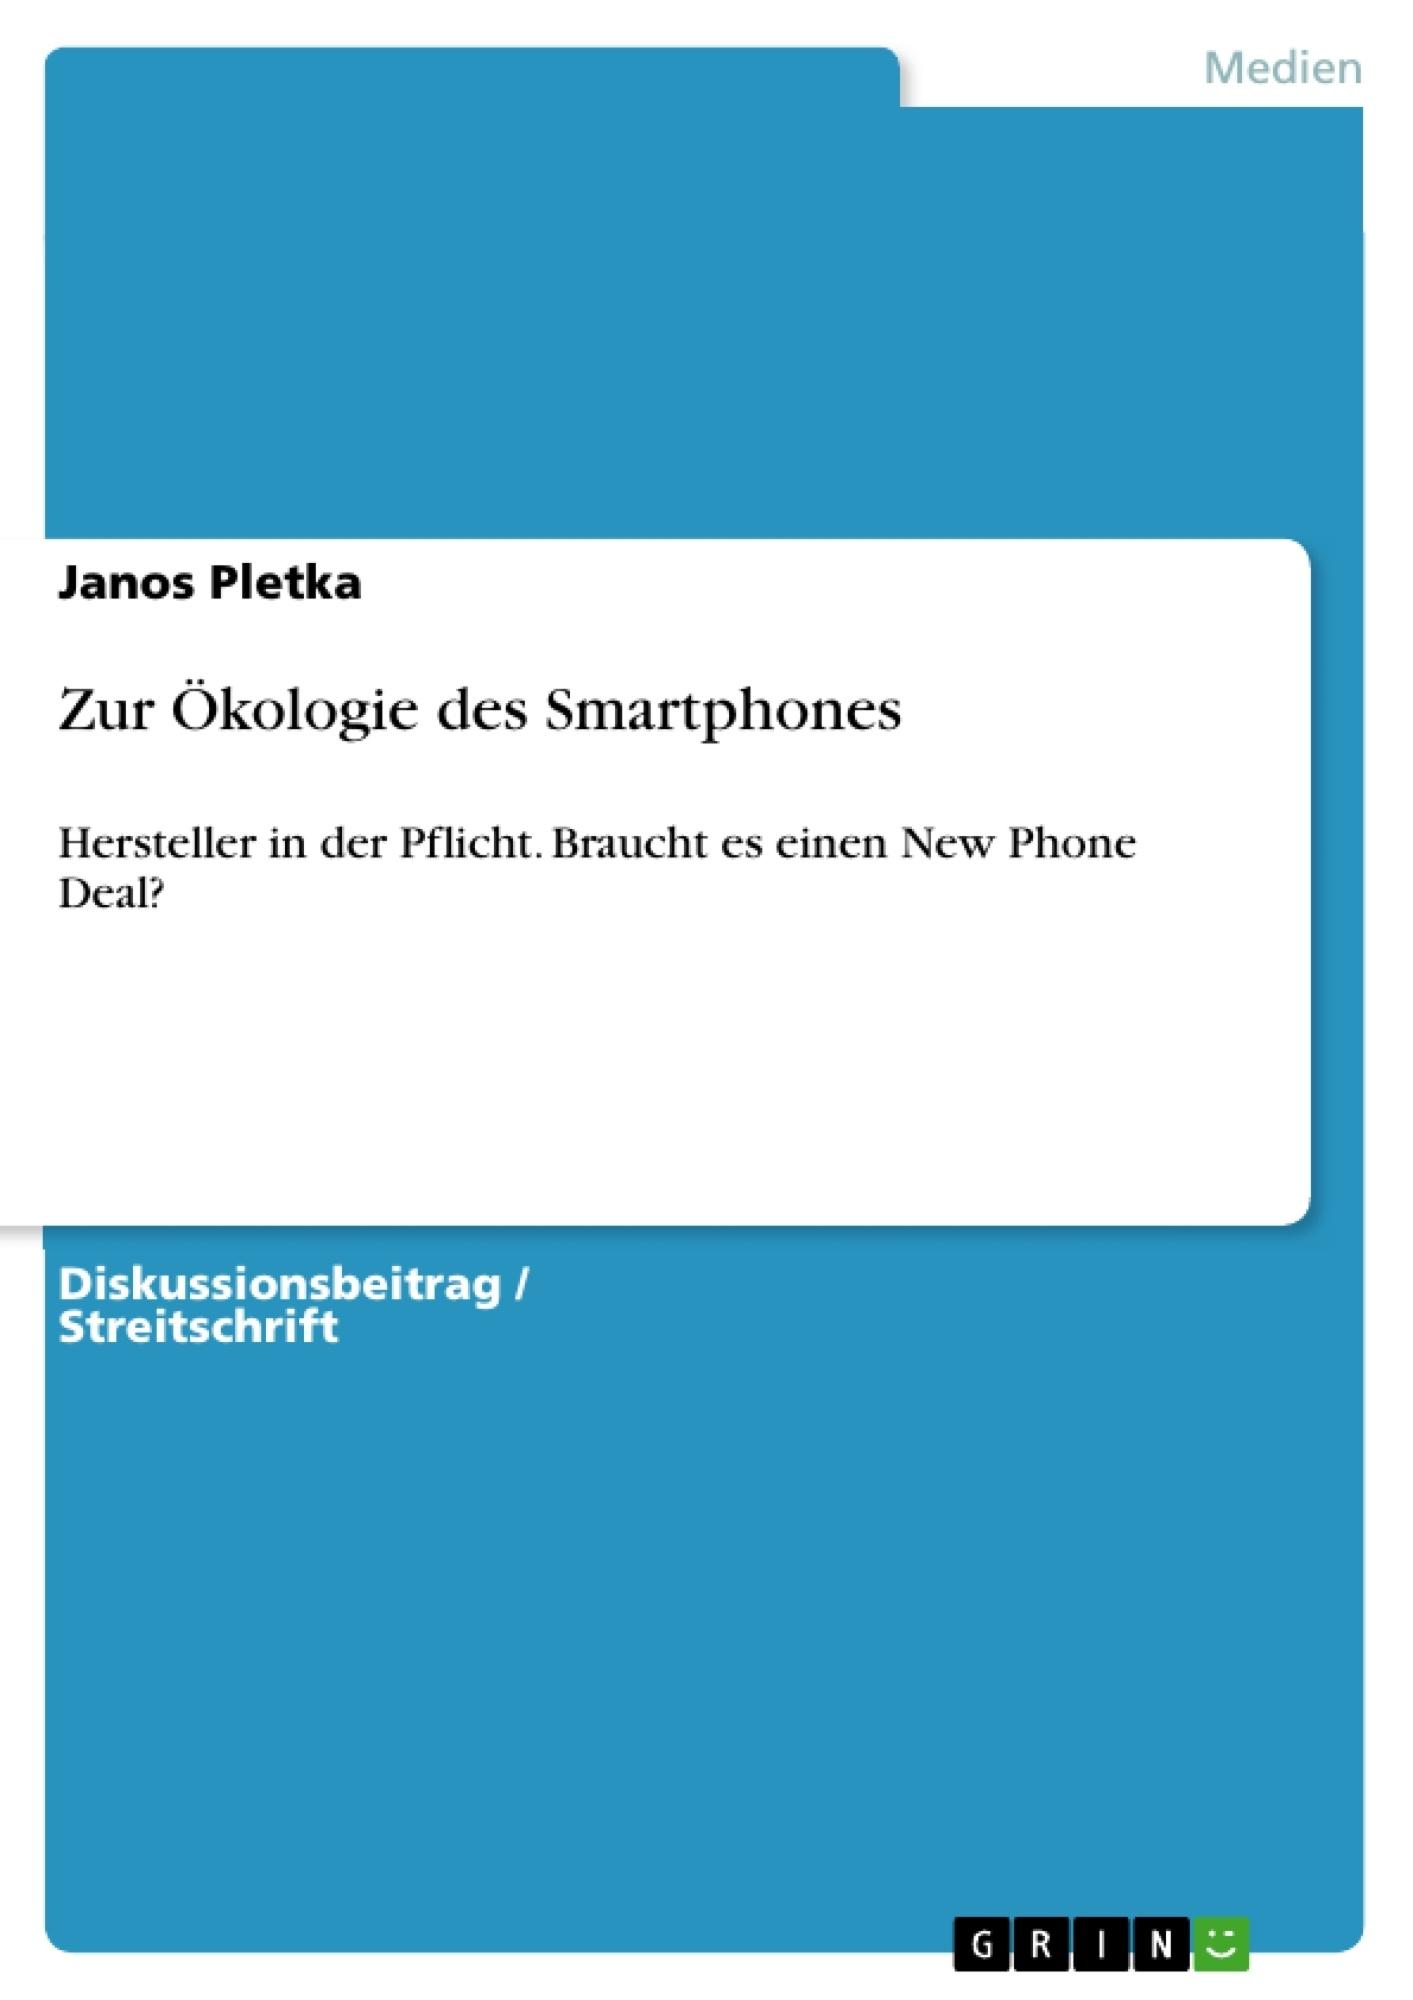 Titel: Zur Ökologie des Smartphones